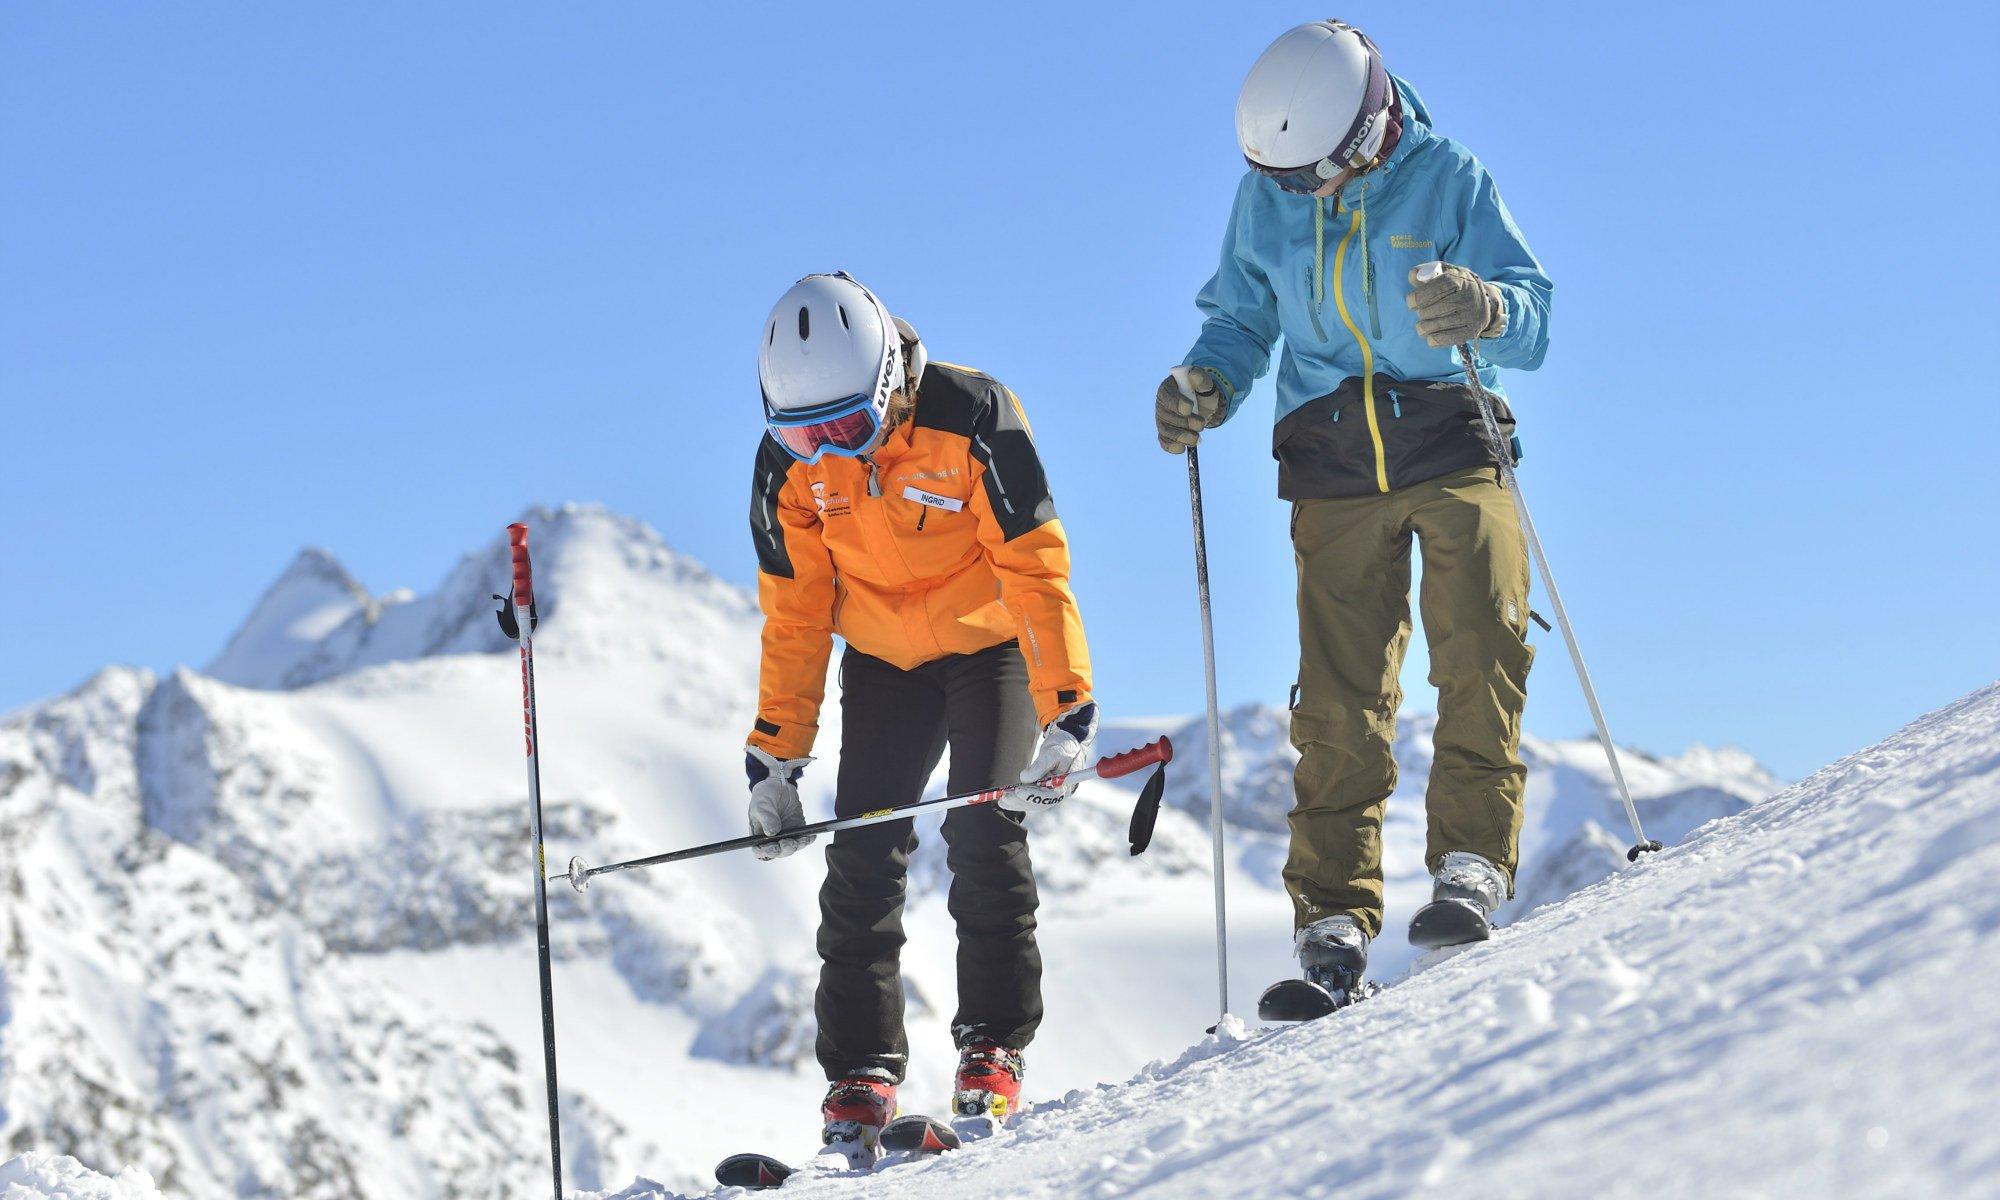 Ein erwachsener Skifahrer in seinem ersten Skikurs.